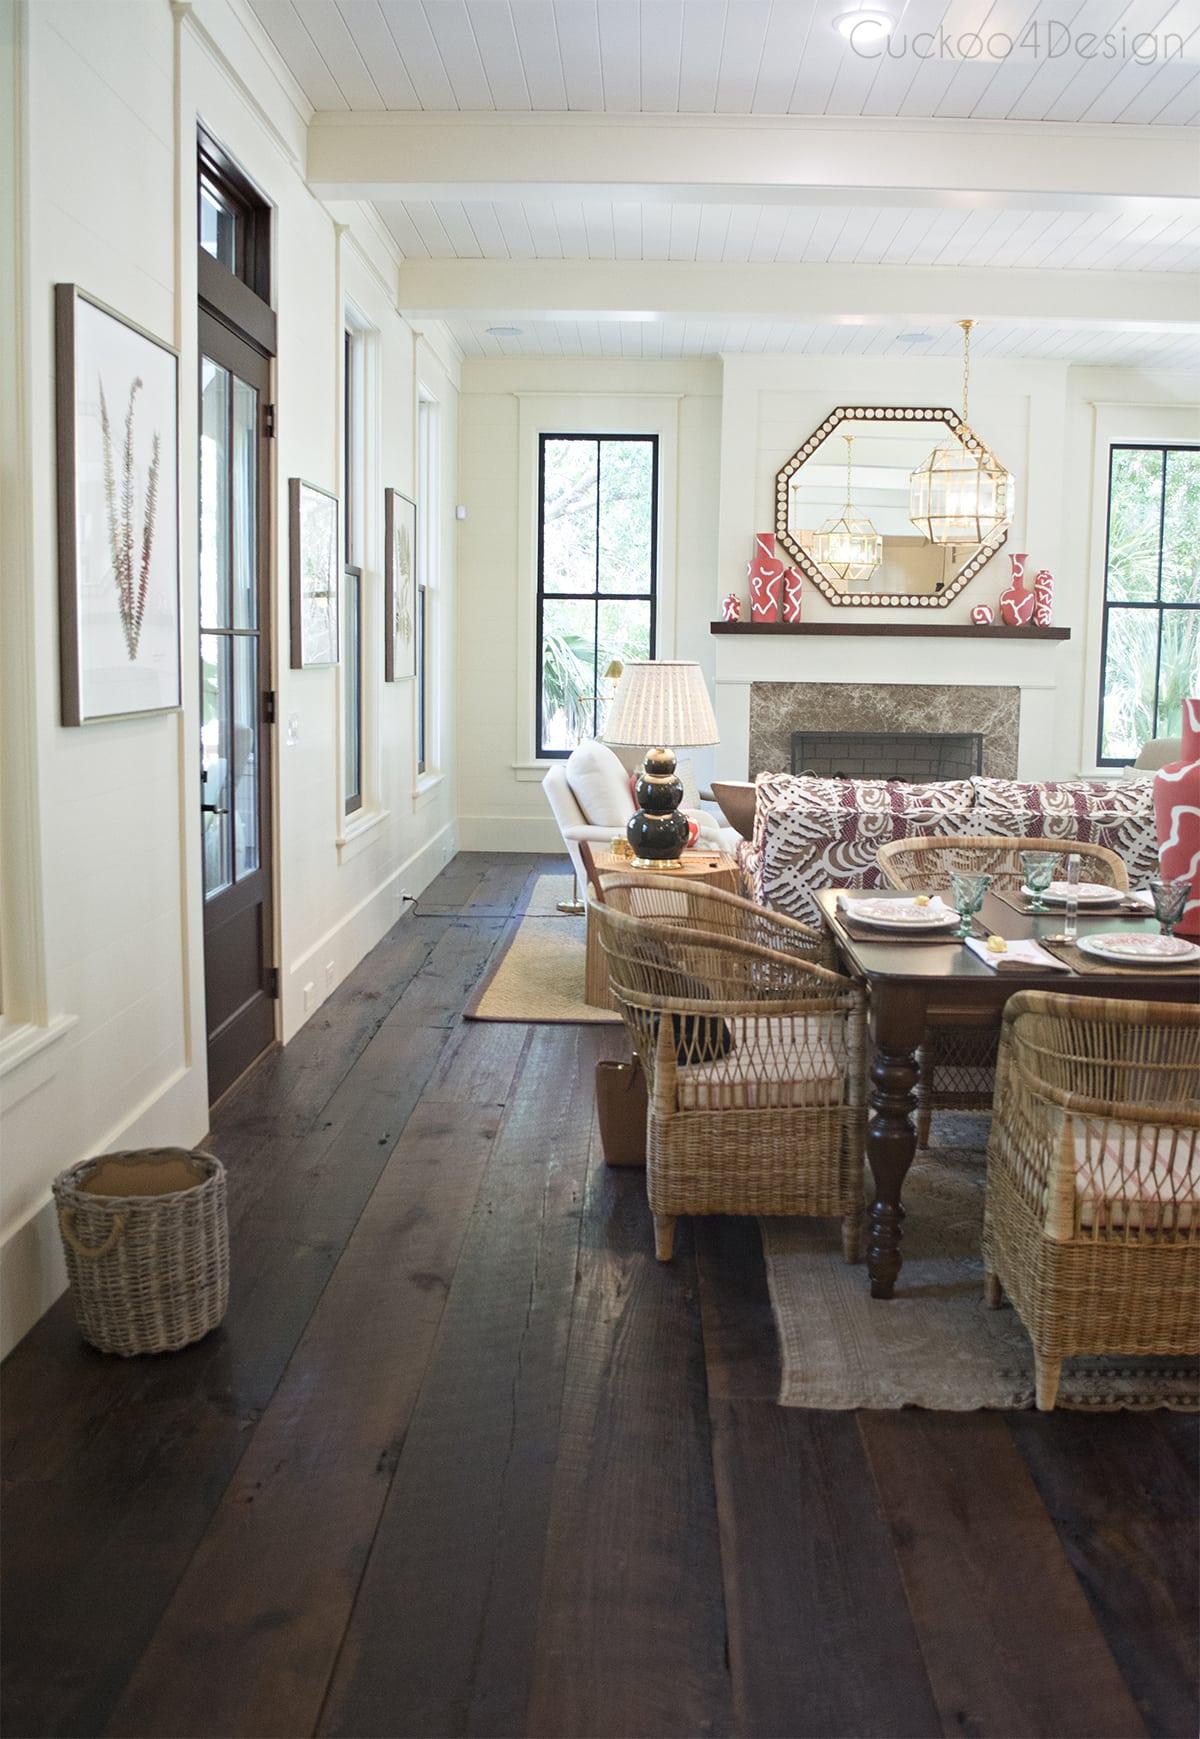 full length view of living room